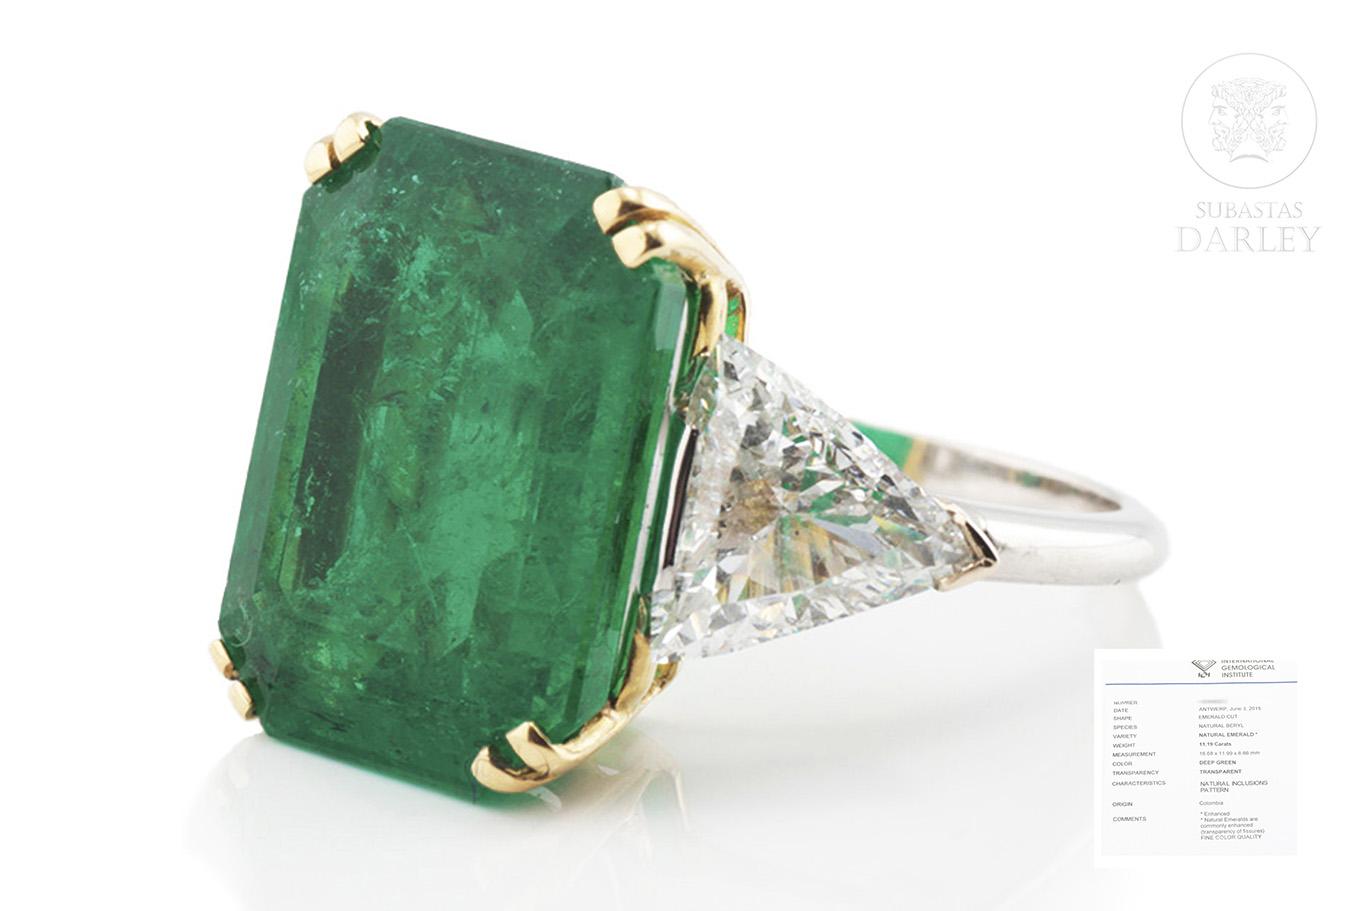 Anillo con gran esmeralda colombiana de 11,19ct y diamantes talla triangulo en ambos lados.